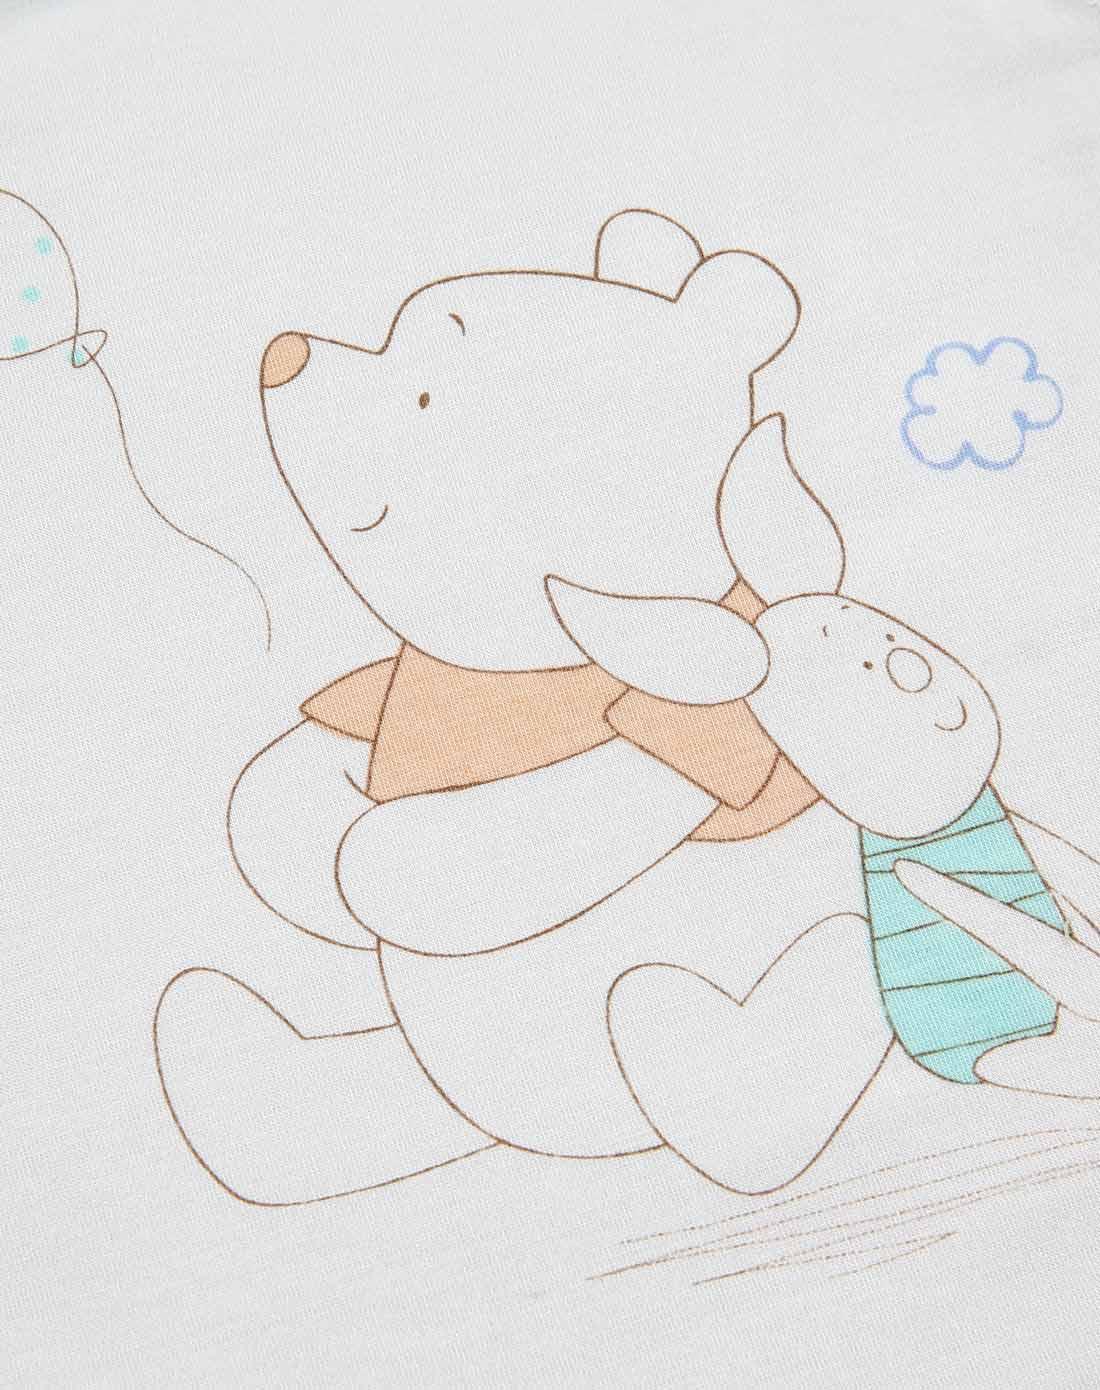 动漫 简笔画 卡通 漫画 手绘 头像 线稿 1100_1390 竖版 竖屏